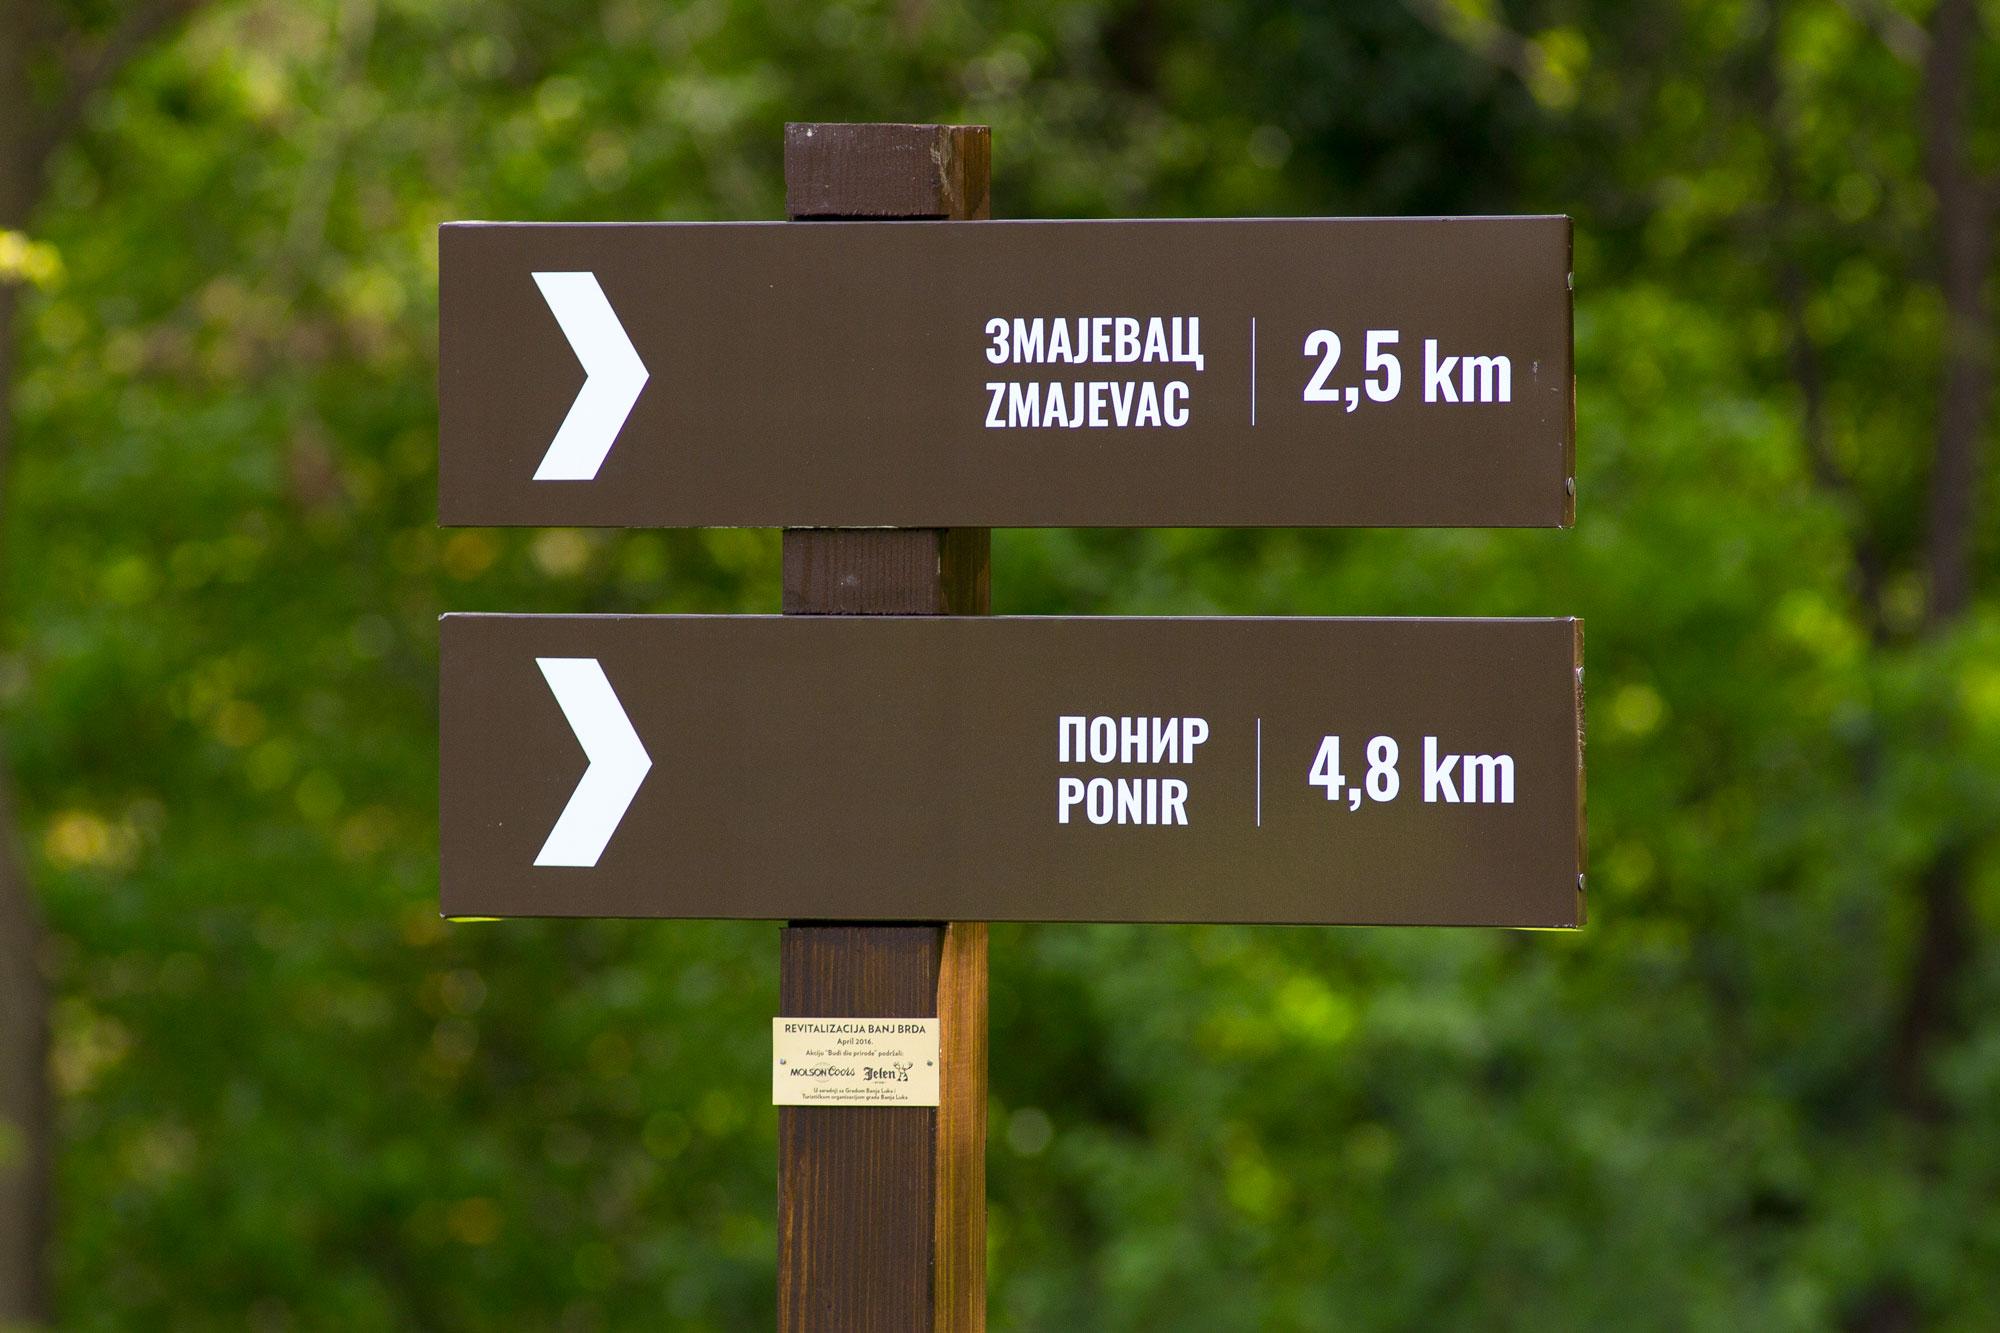 Novo ruho za omiljeno izletište Banjalučana FOTO